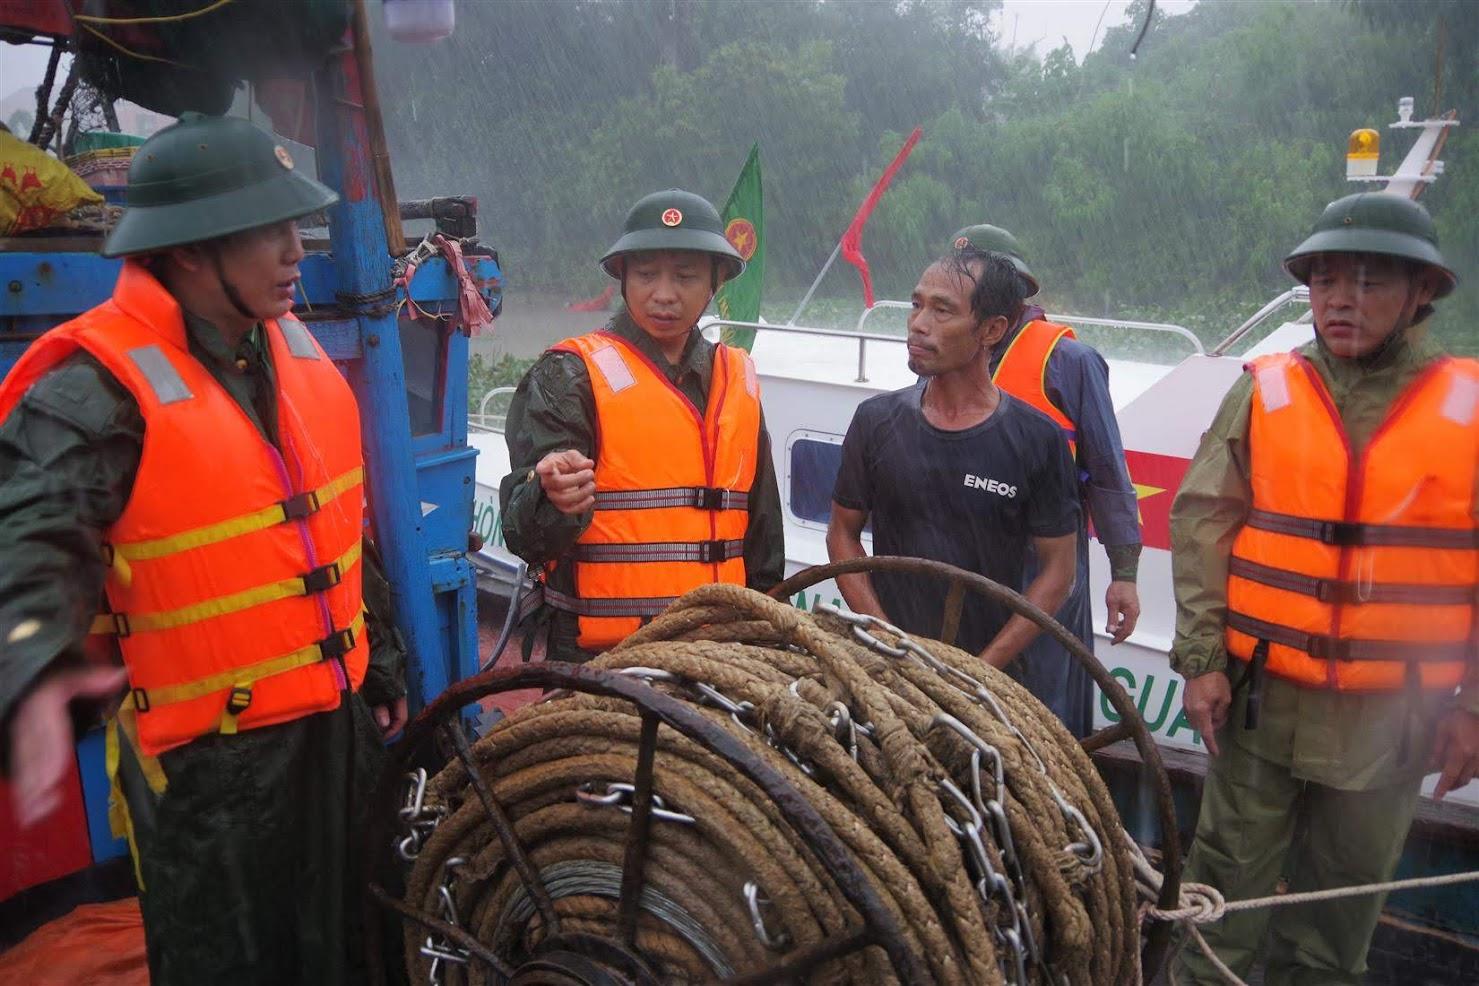 Đồn Biên phòng Quỳnh Phương (BĐBP Nghệ An) hướng dẫn các chủ tàu, thuyền và ngư dân ven biển neo đậu trú bão số 4 an toàn - Ảnh: Lê Thạch